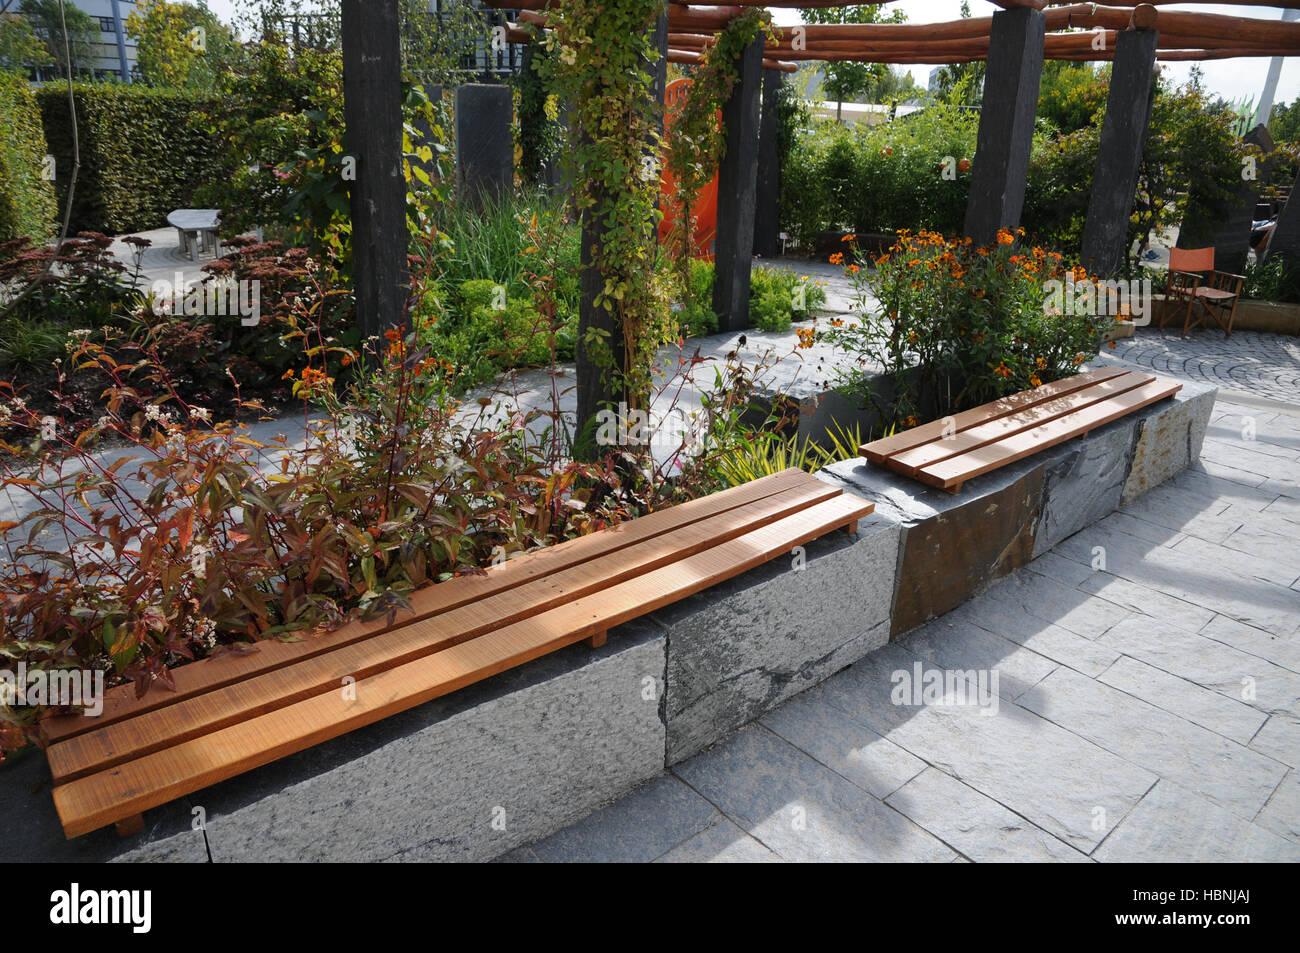 Garten Mit Sitzbank Aus Stein Und Holz Gemacht Stockfoto Bild